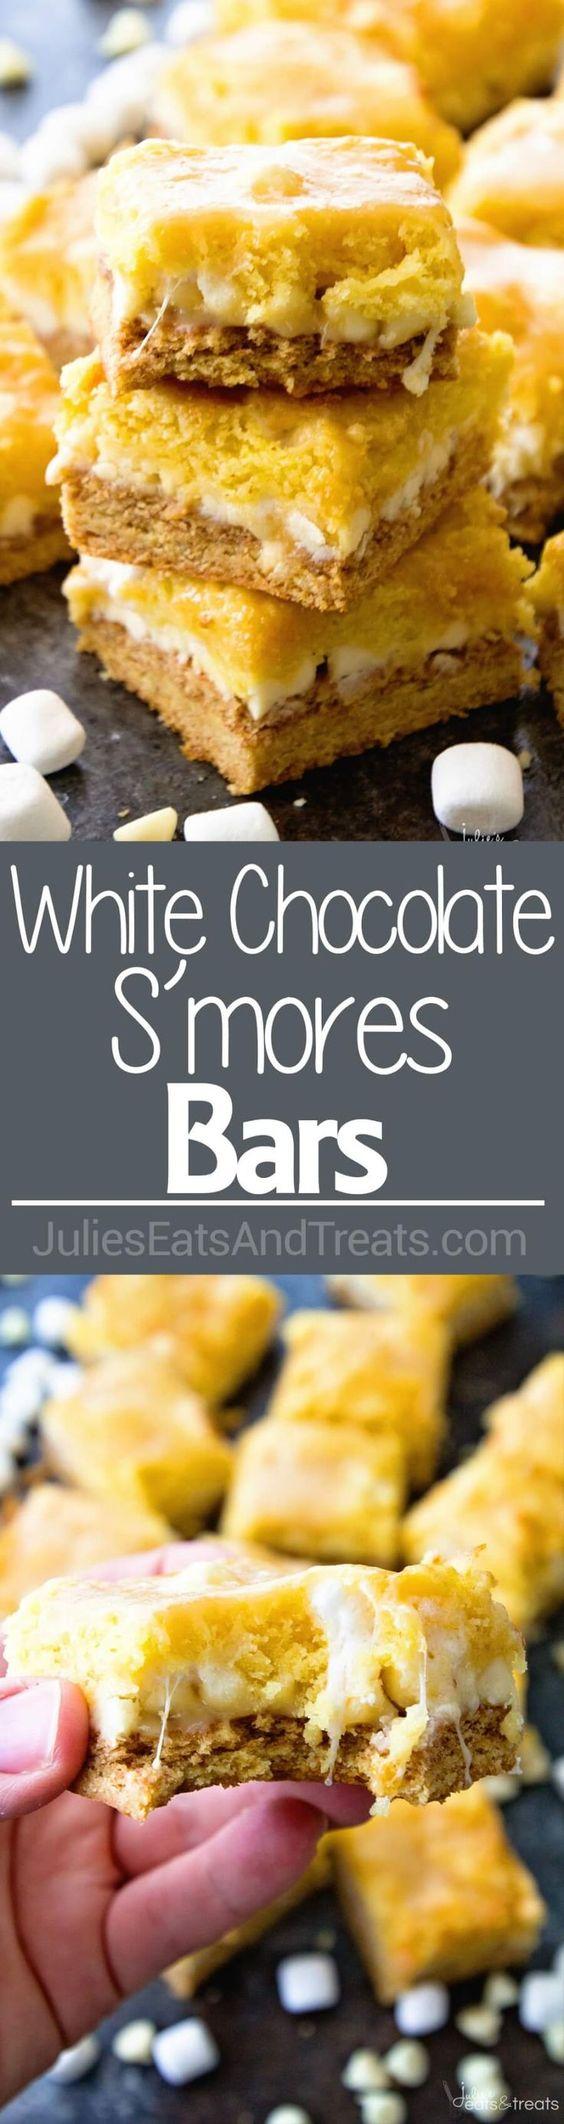 ... more gooey cake cake bars white chocolate chocolate bars bar chocolate